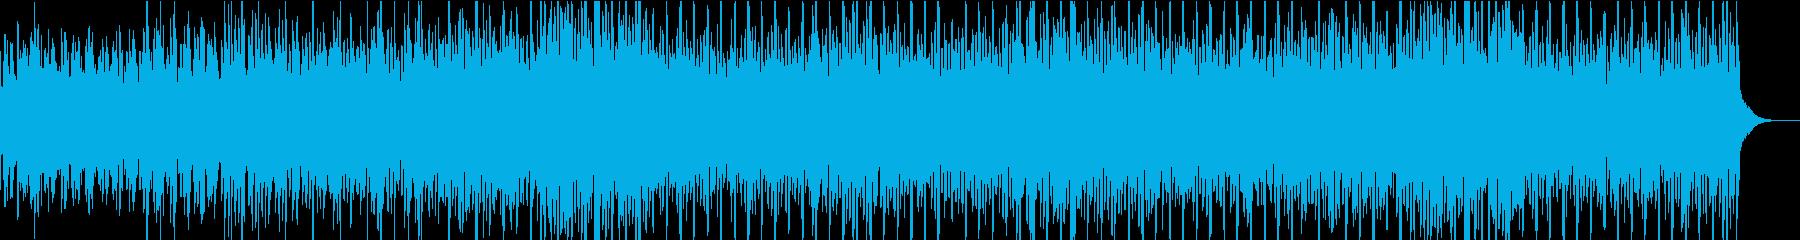 近未来の雰囲気たっぷりなシンセポップの再生済みの波形